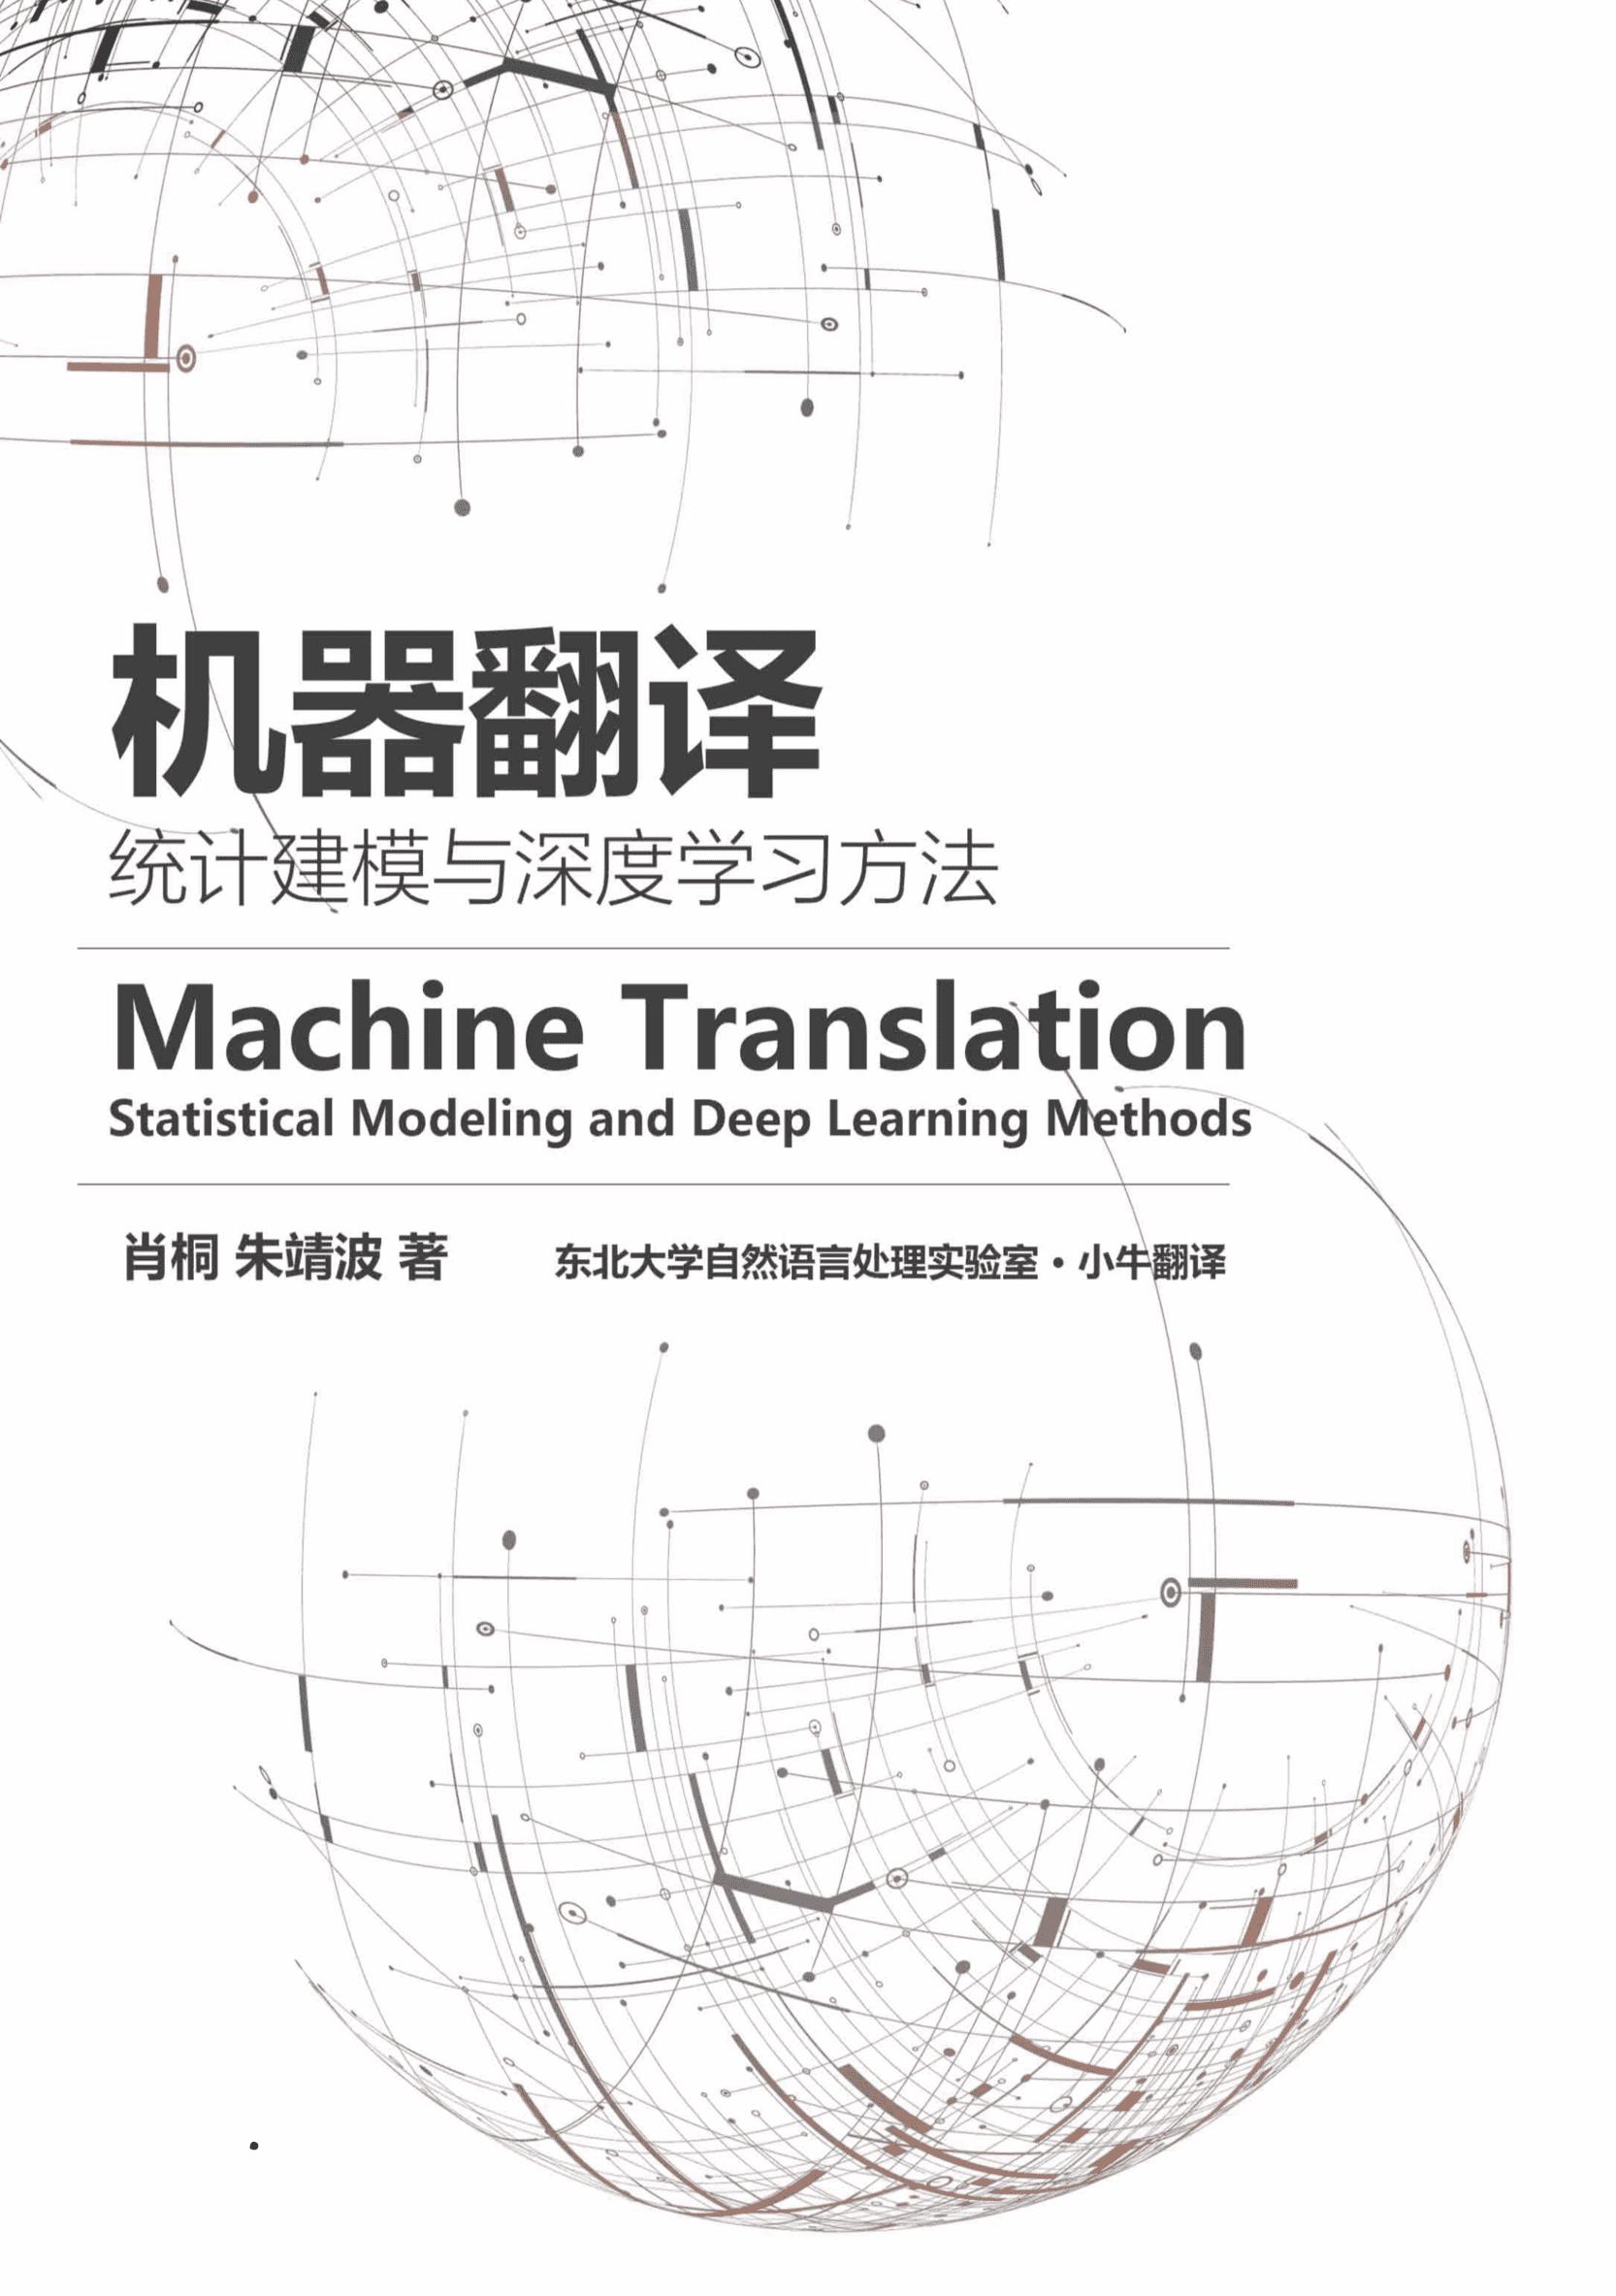 LaTeX 排版的《机器翻译:统计建模与深度学习方法》